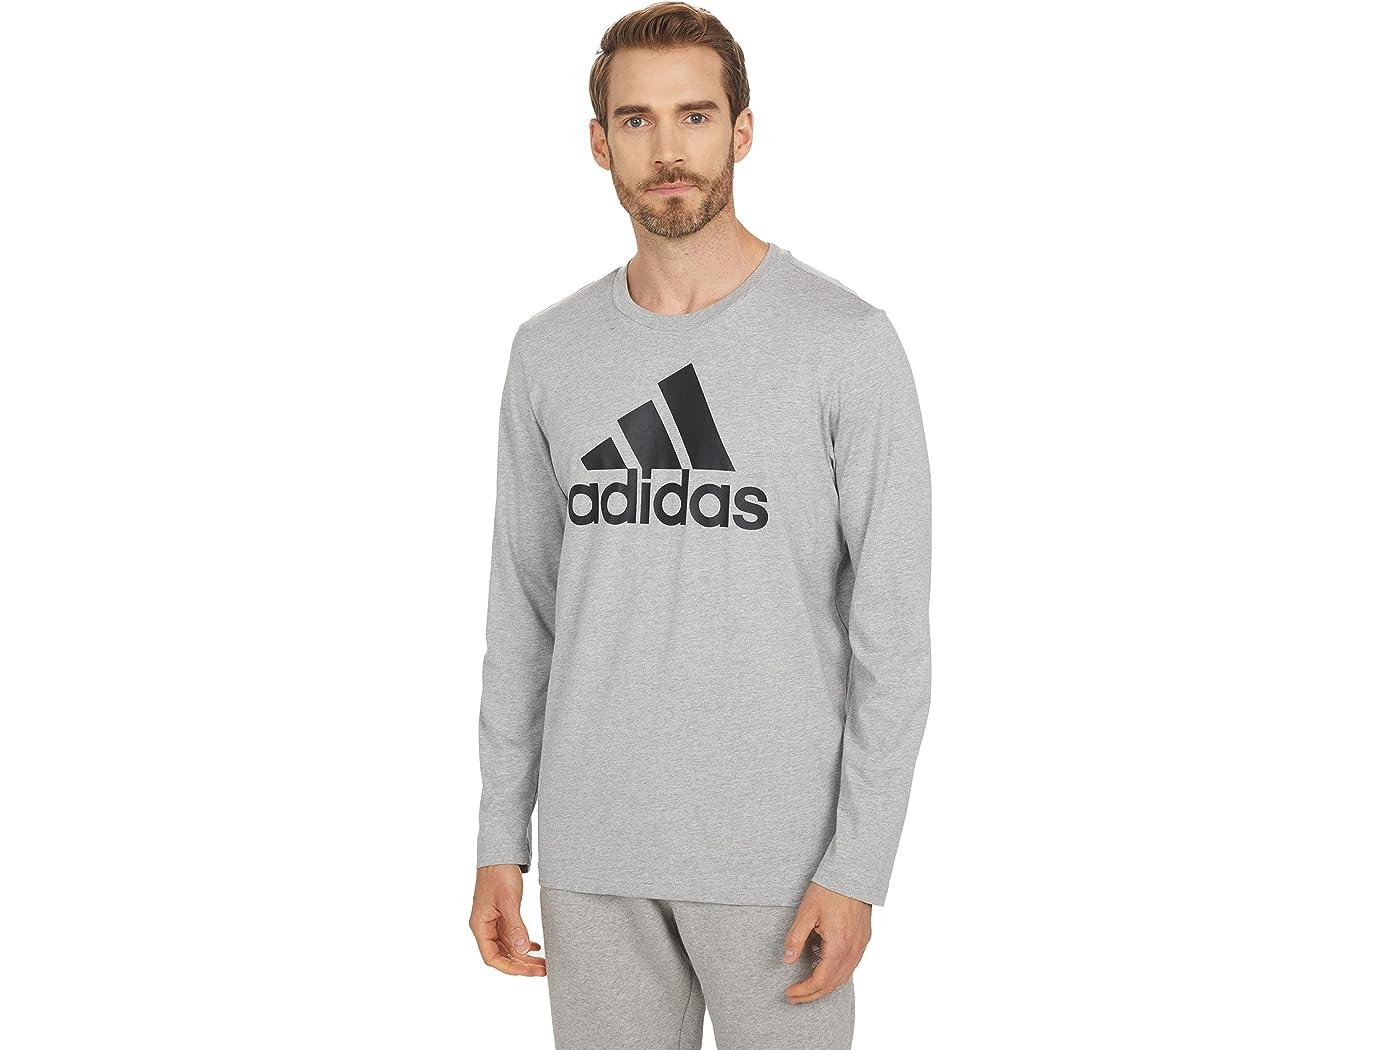 Adidas Big Logo Single Jersey Long Sleeve Tee